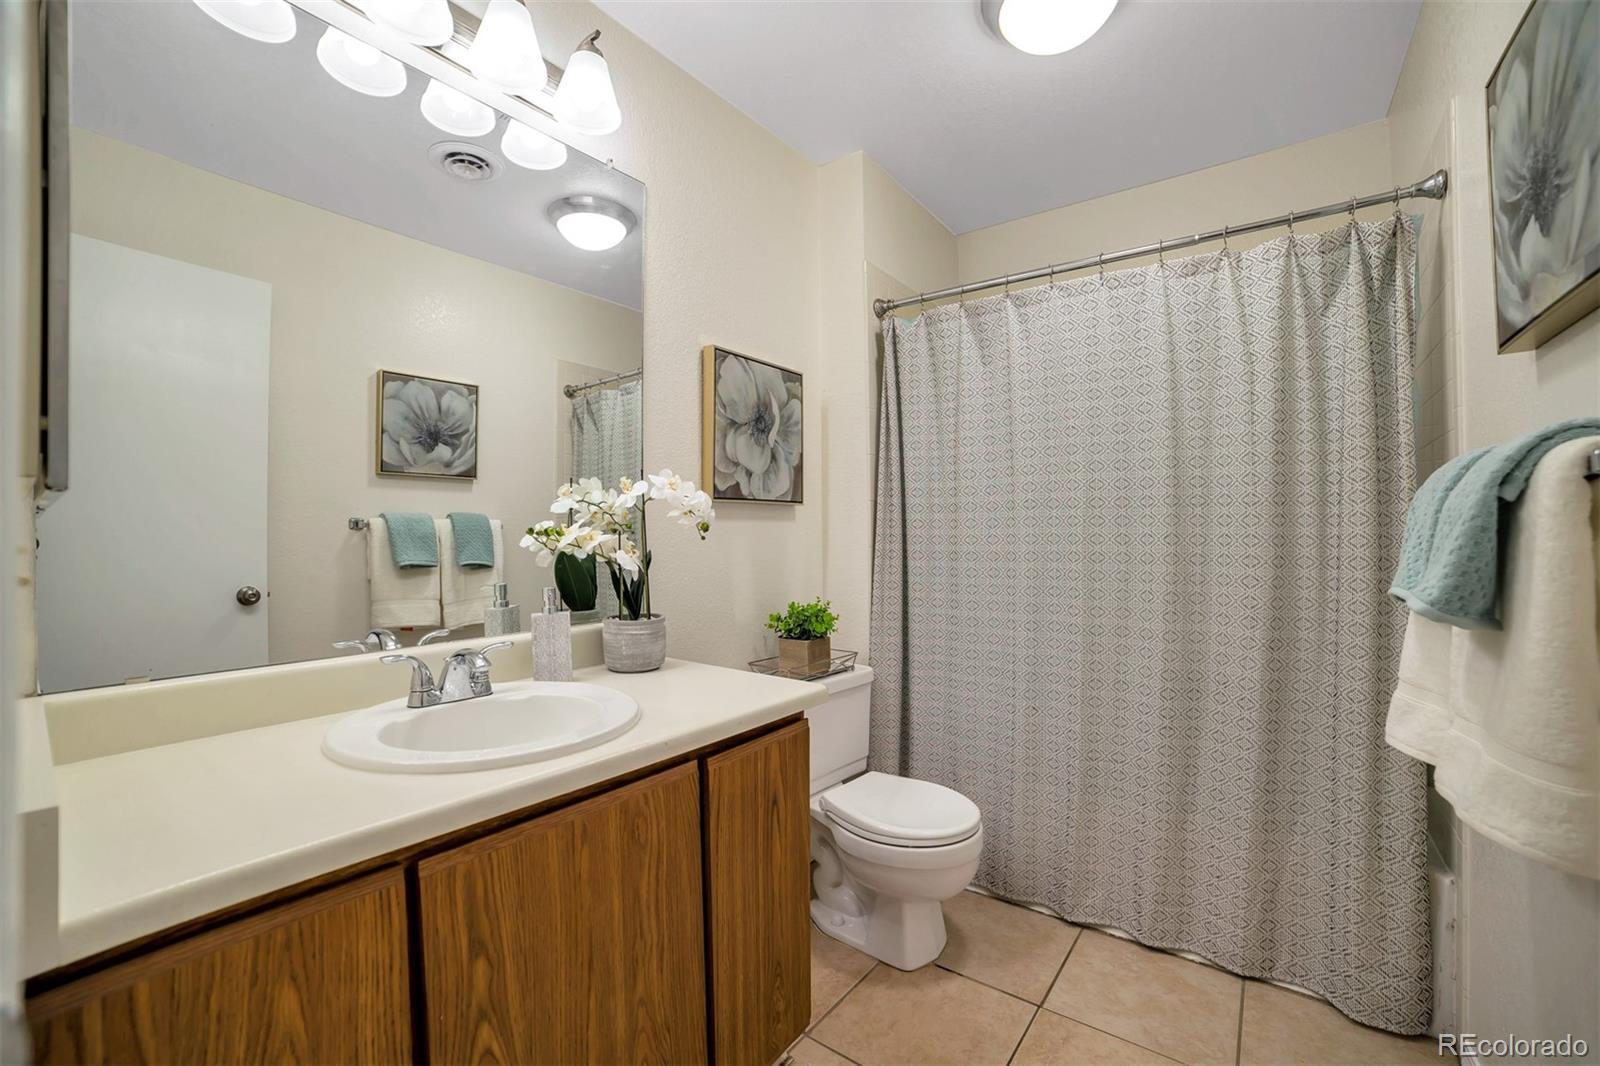 MLS# 3593928 - 11 - 2666 E Otero Place #1, Centennial, CO 80122